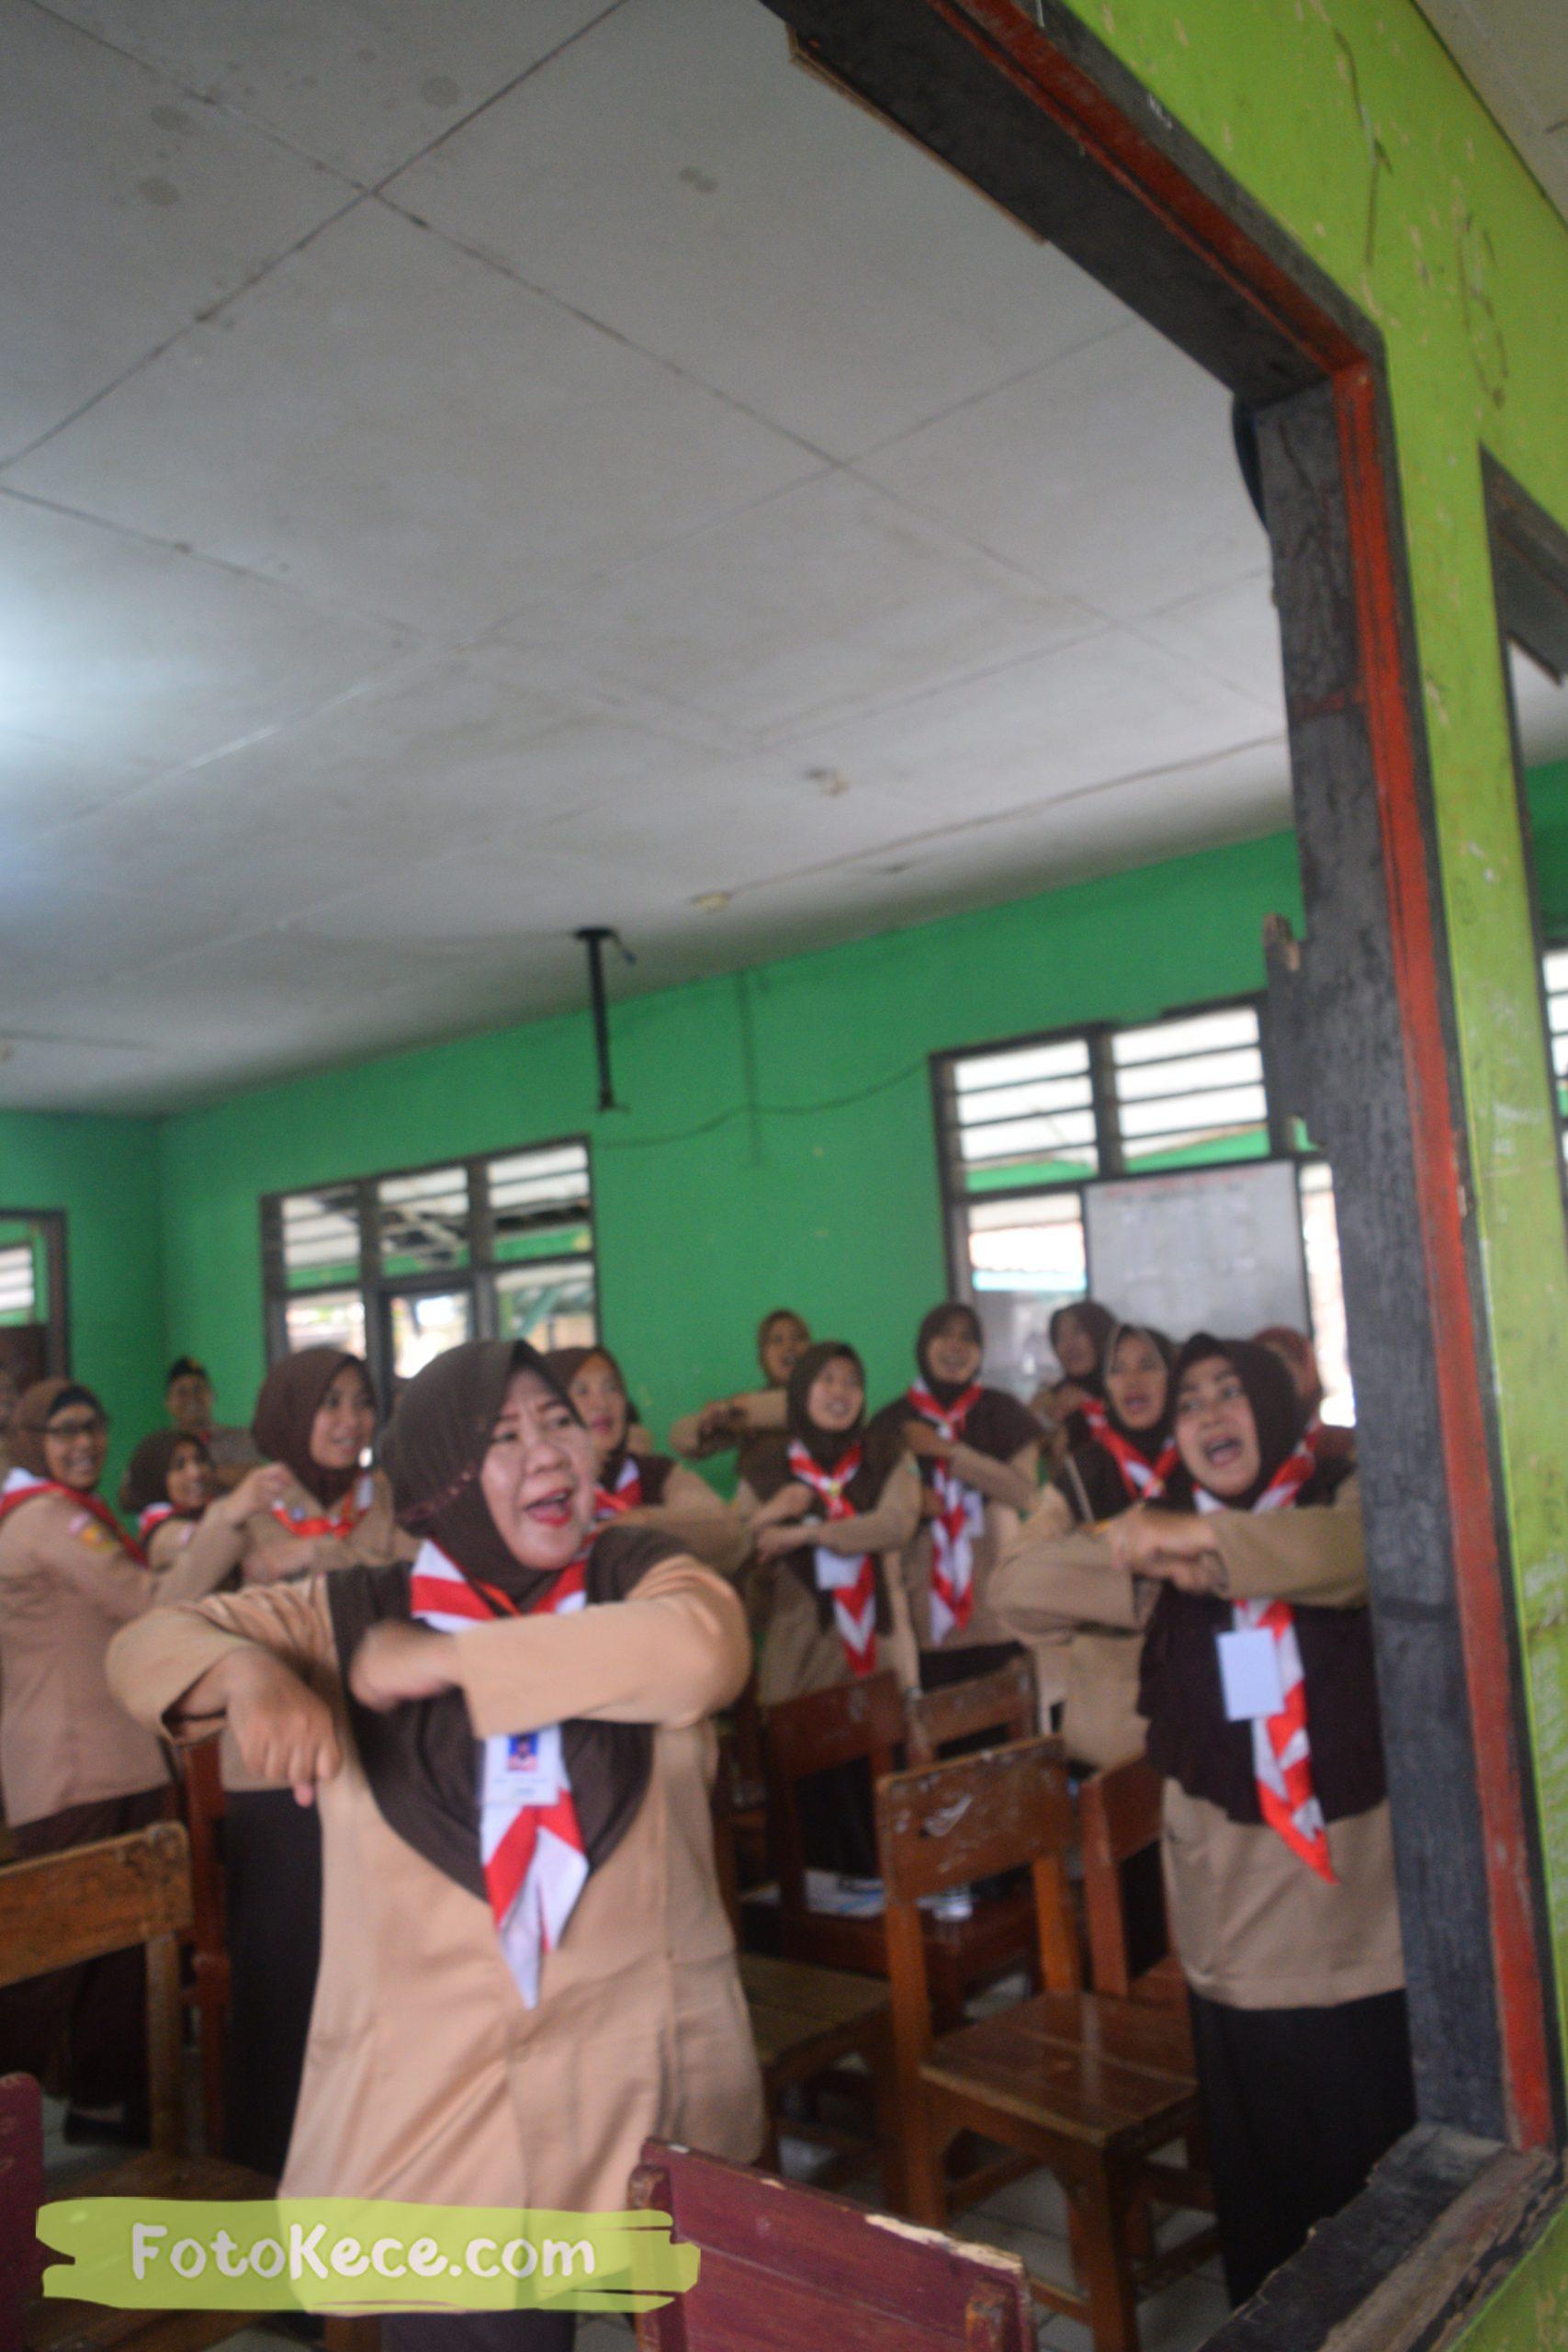 indoor kursus pembina mahir tingkat dasar kmd kwartir ranting surade 2019 fotokece Des 2019 59 scaled